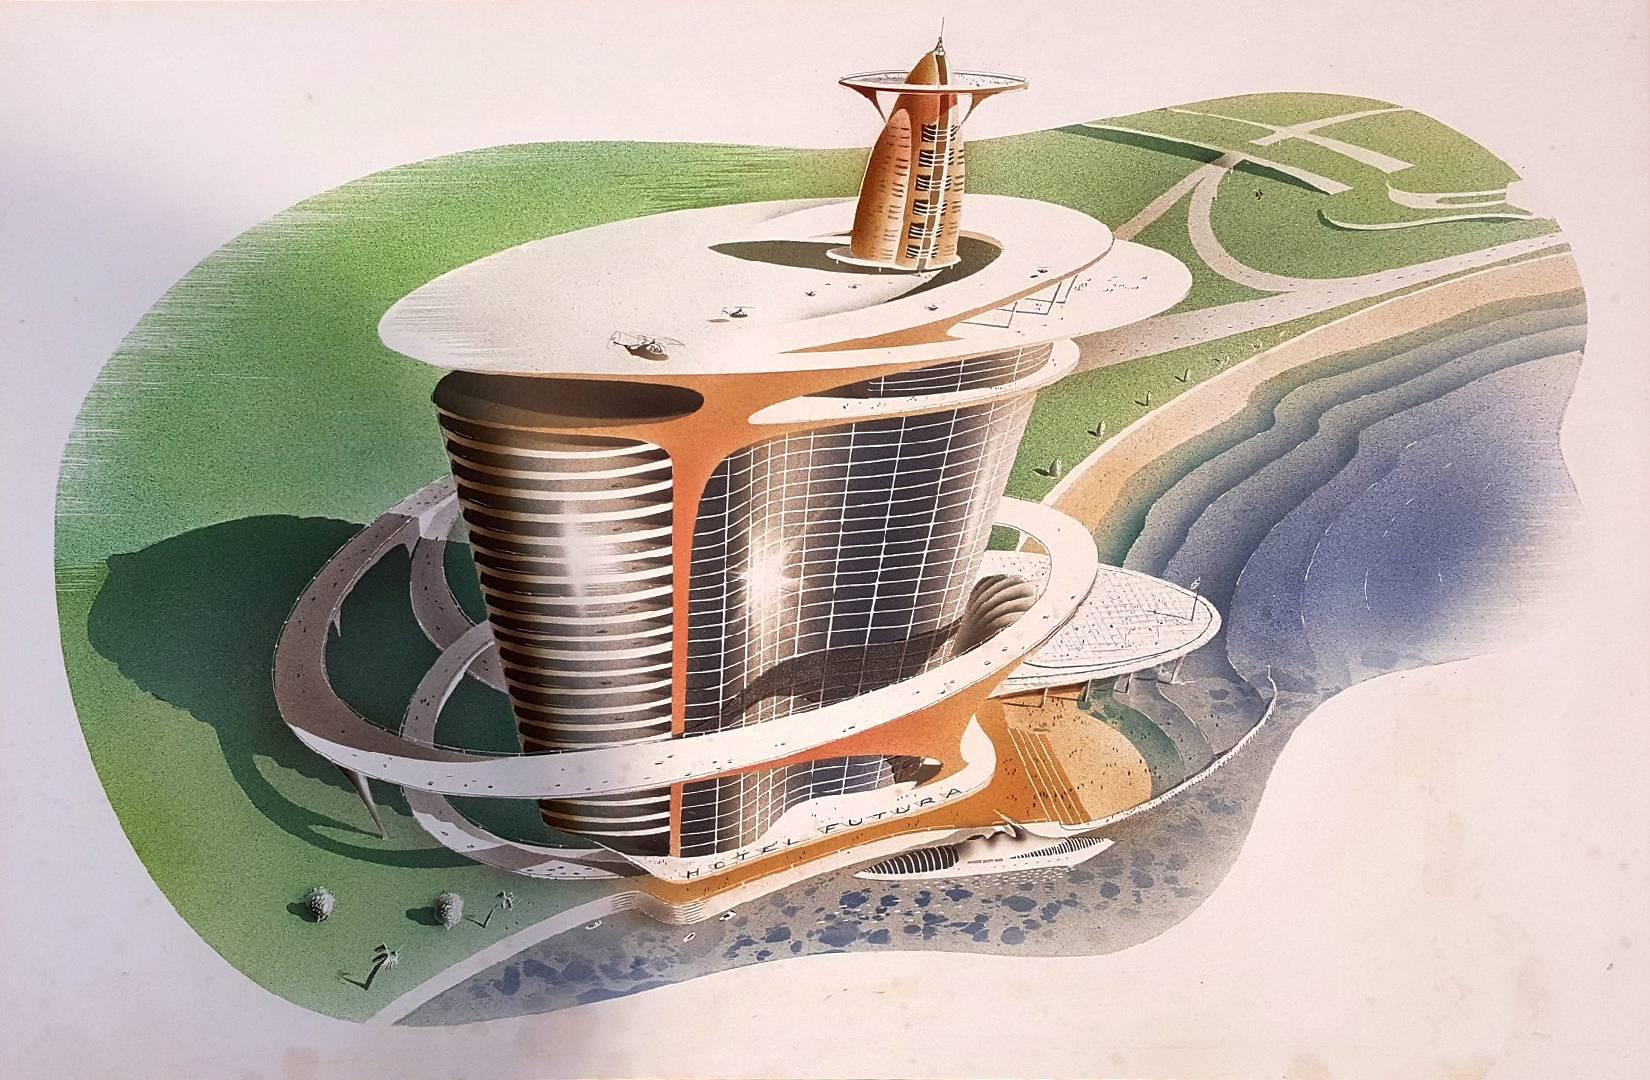 Hotel Futura  Illustration